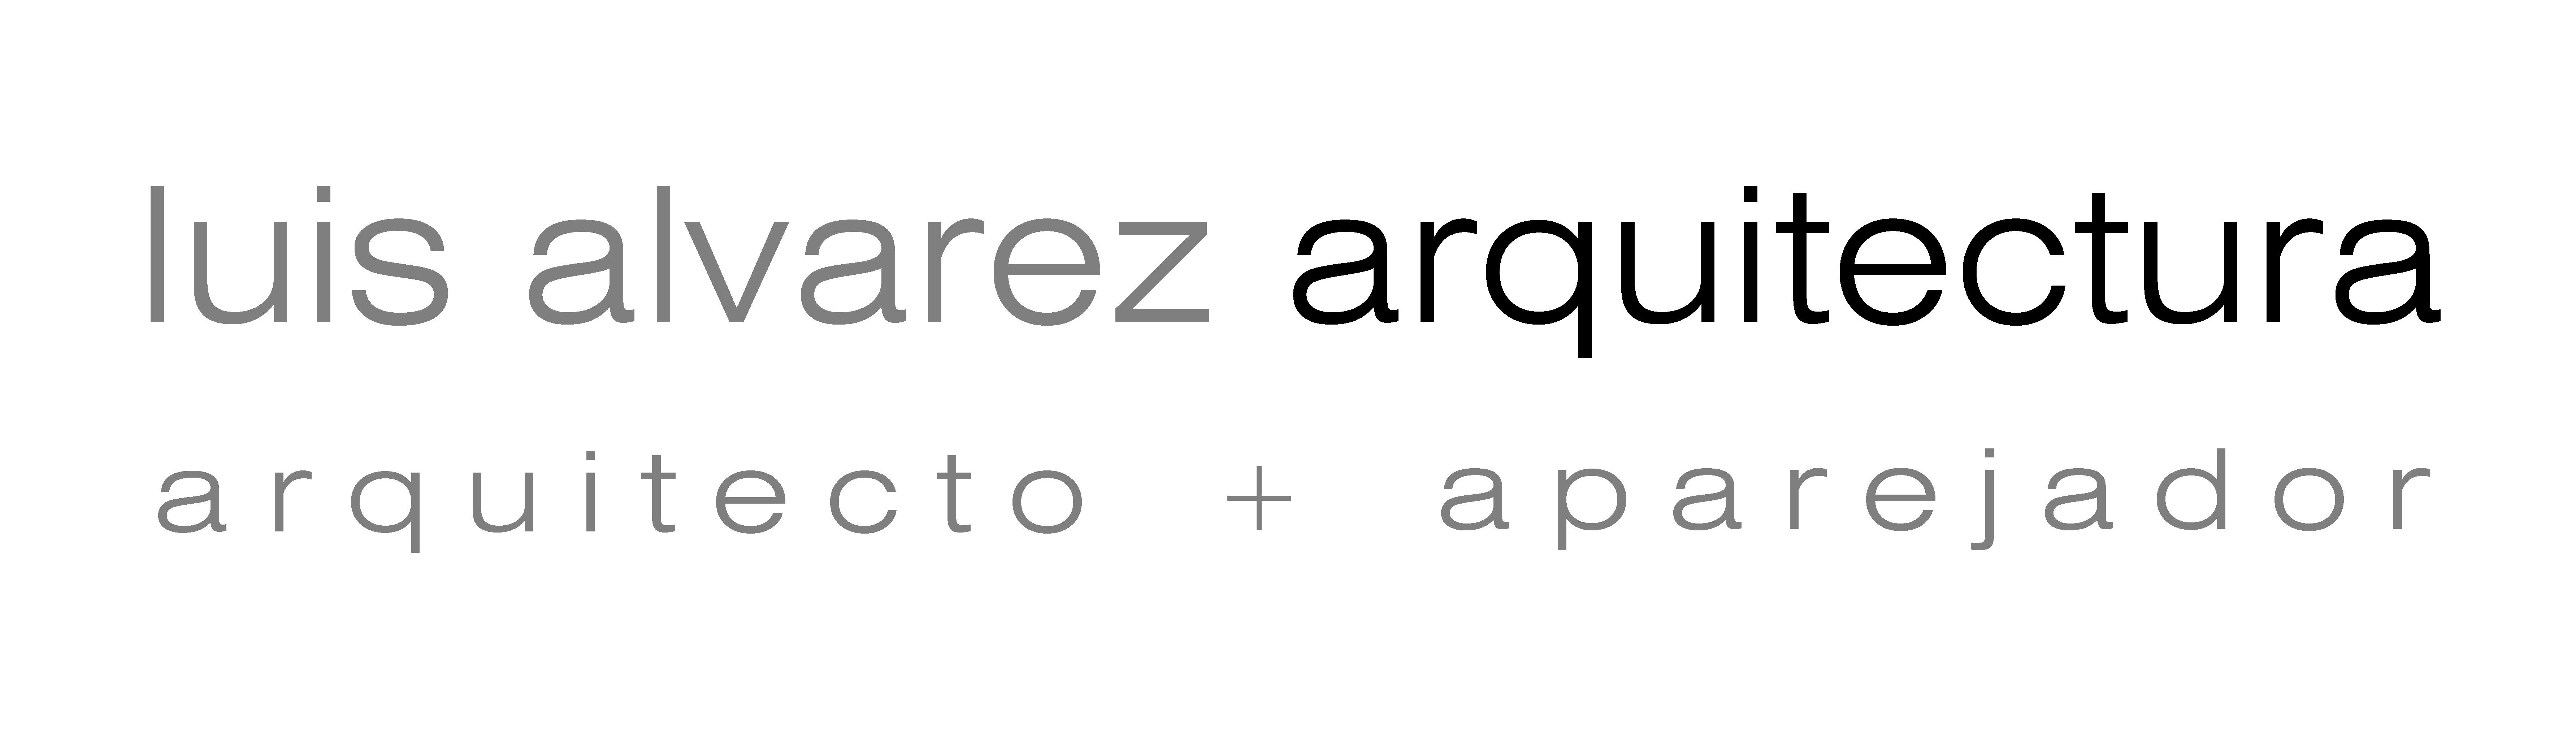 luis-alvarez-arquitectura-logo